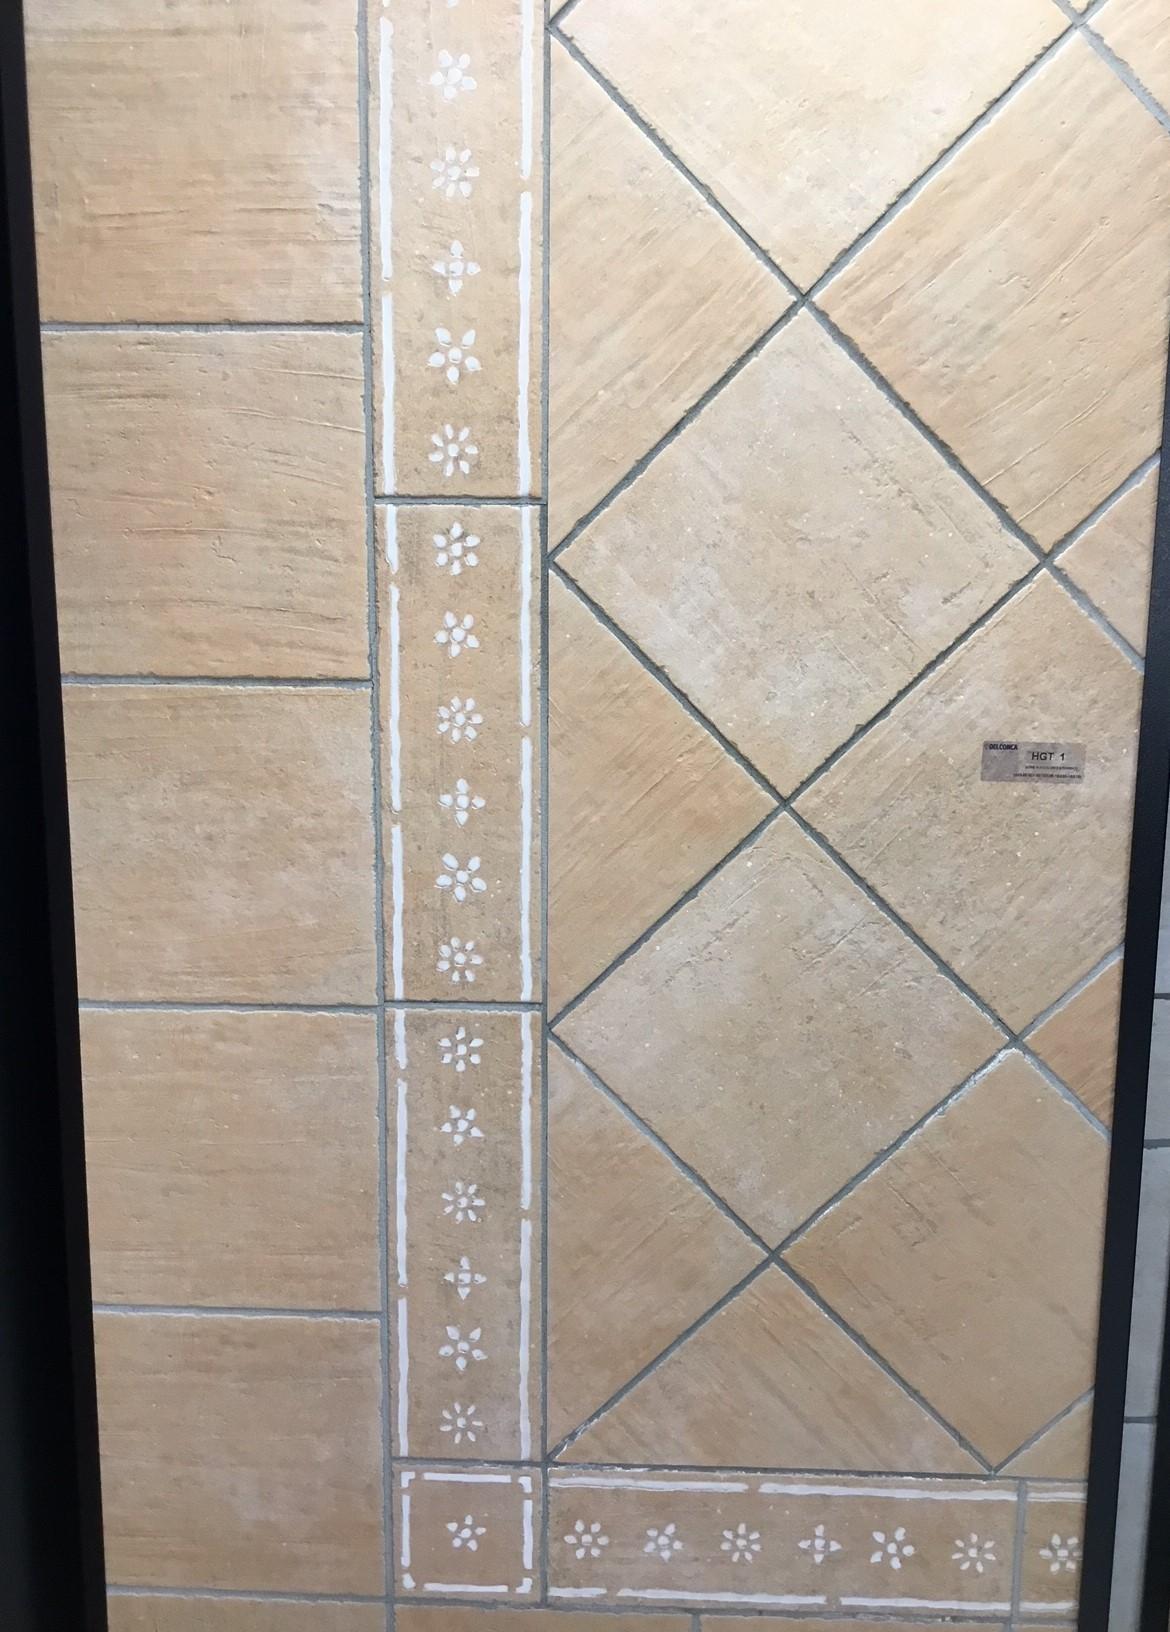 Pavimento in gres porcellanato collezione Galestro effetto cotto HGT 1